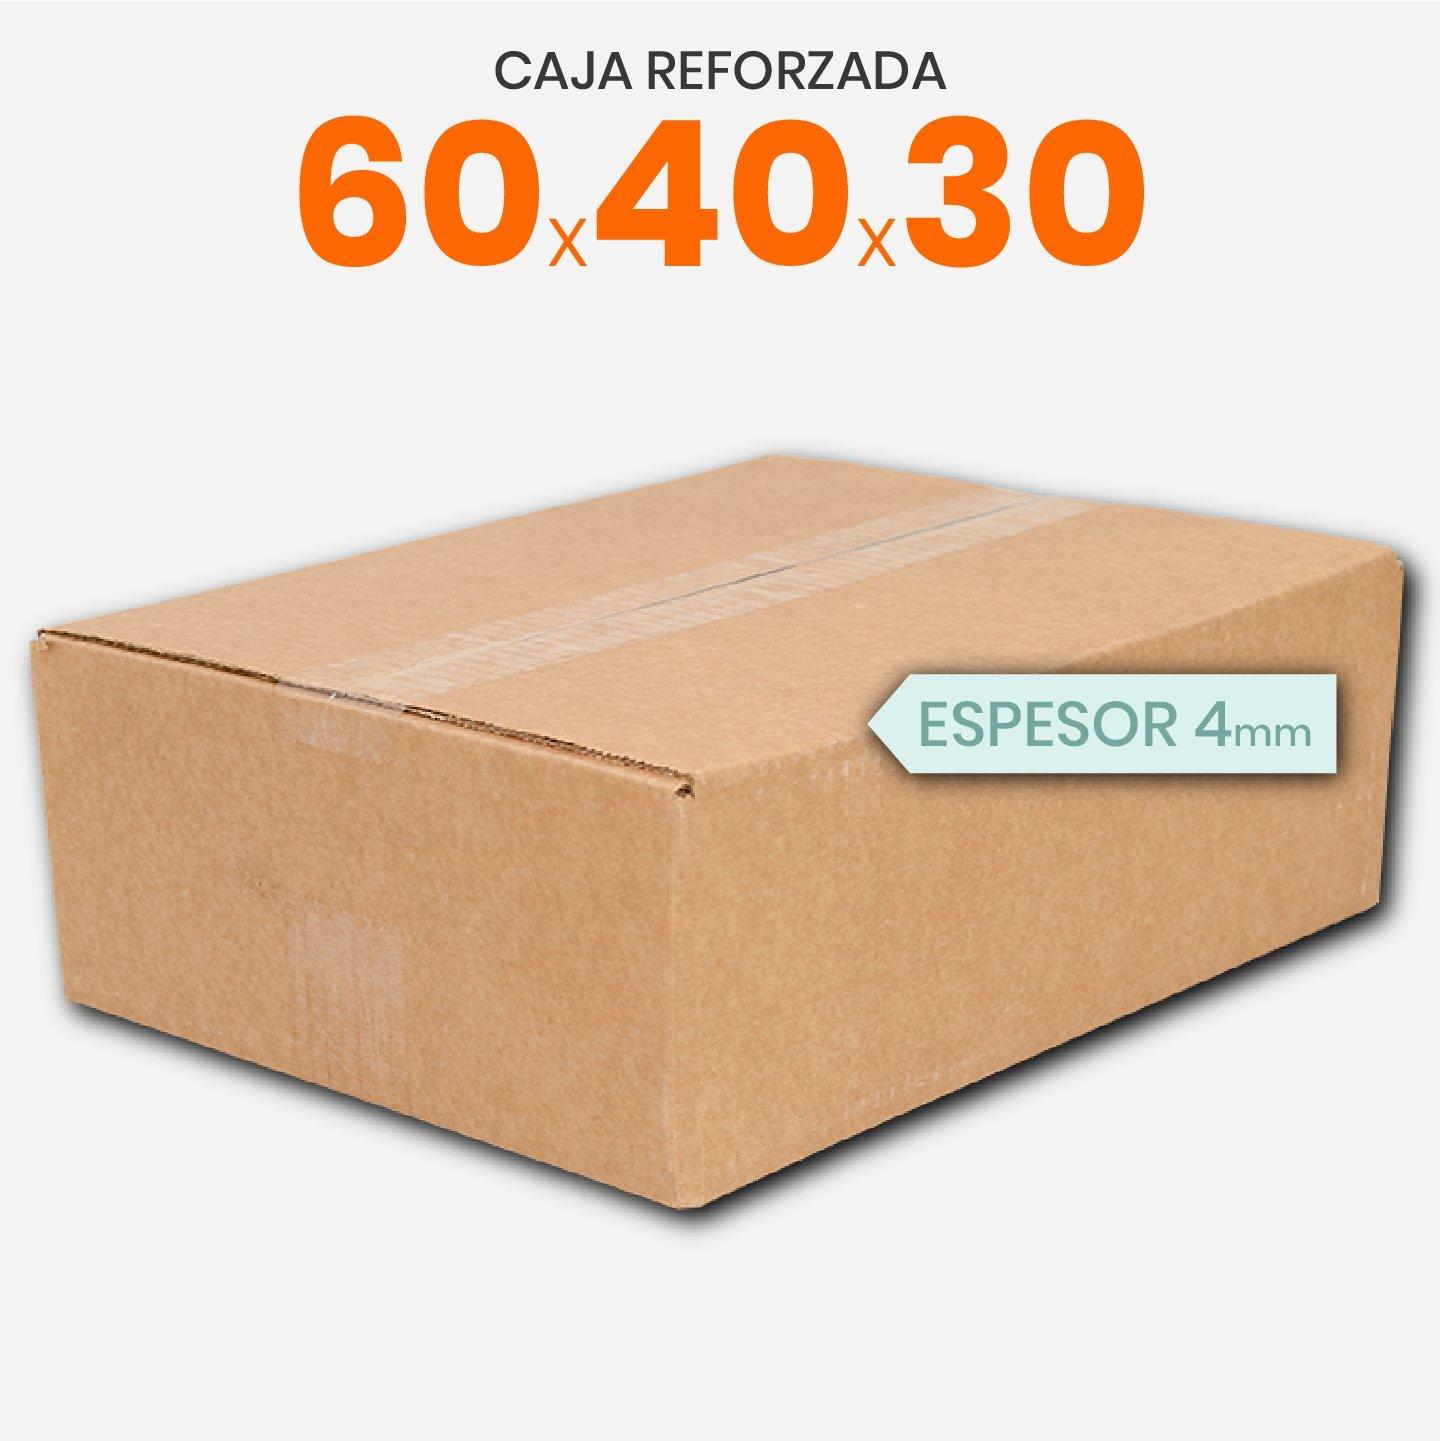 Caja De Cartón Corrugado Reforzada 60x40x30